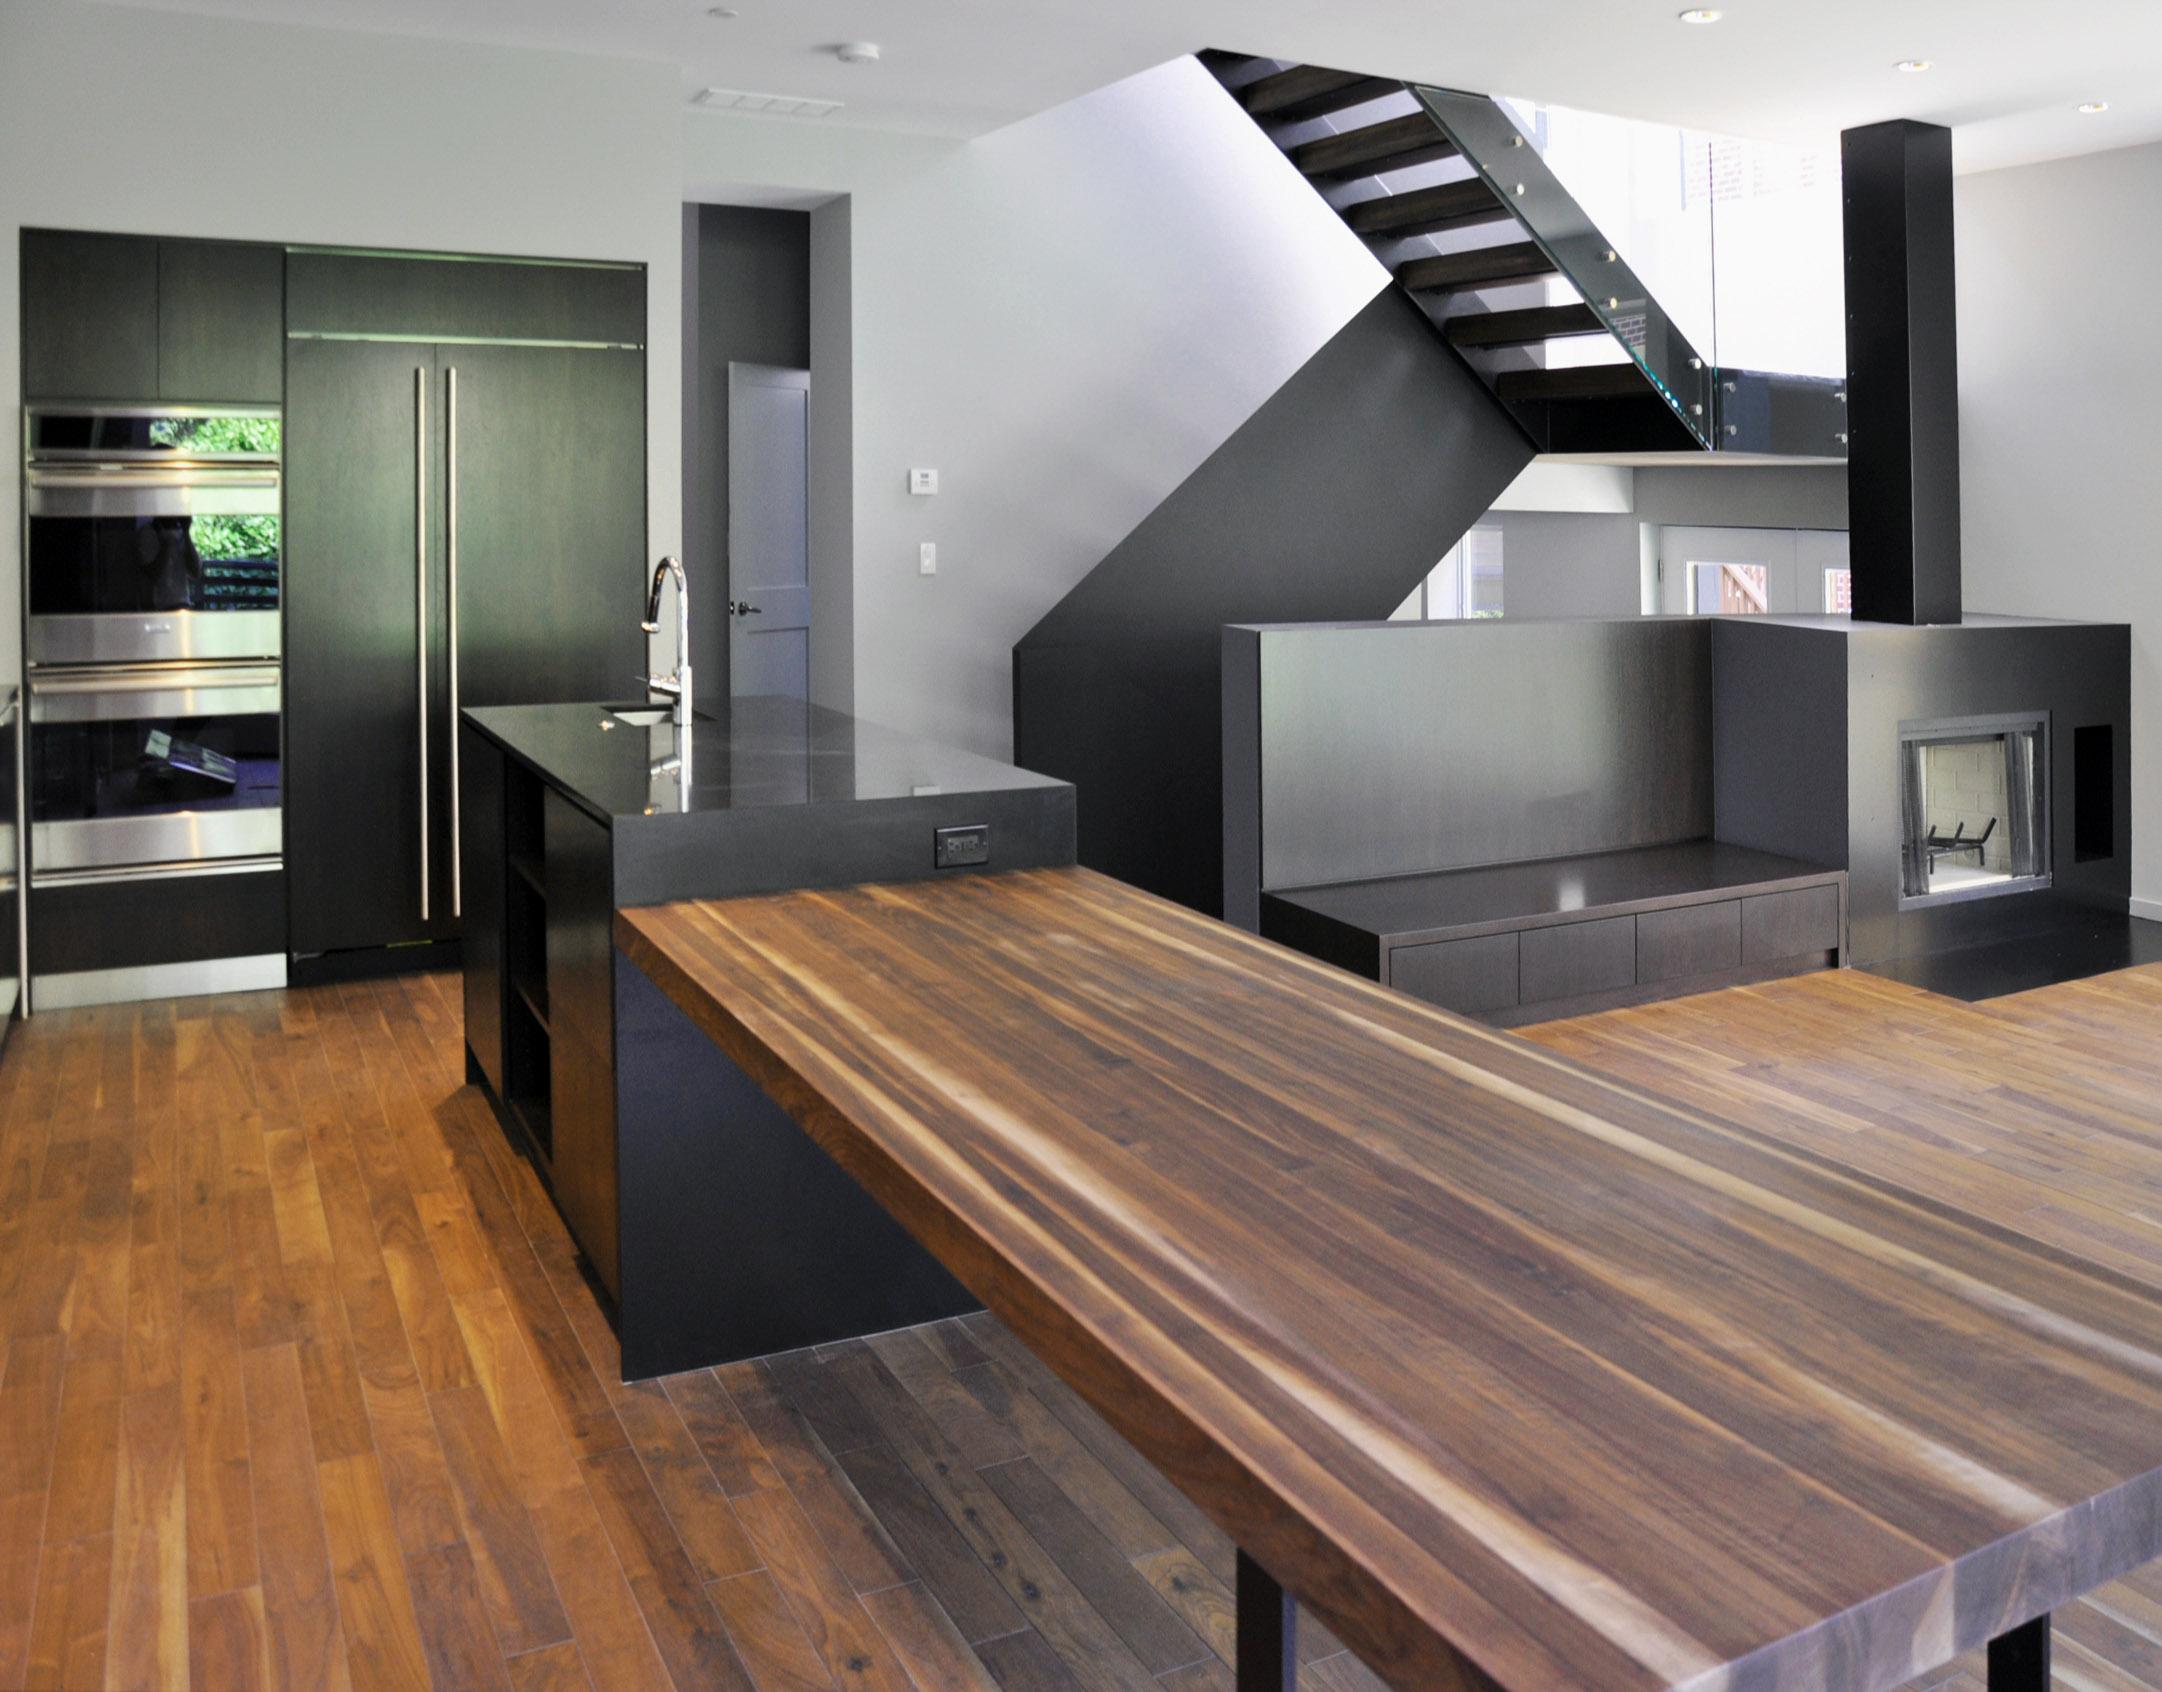 wc-studio-Chicago-house-custom-metal-stair.jpg